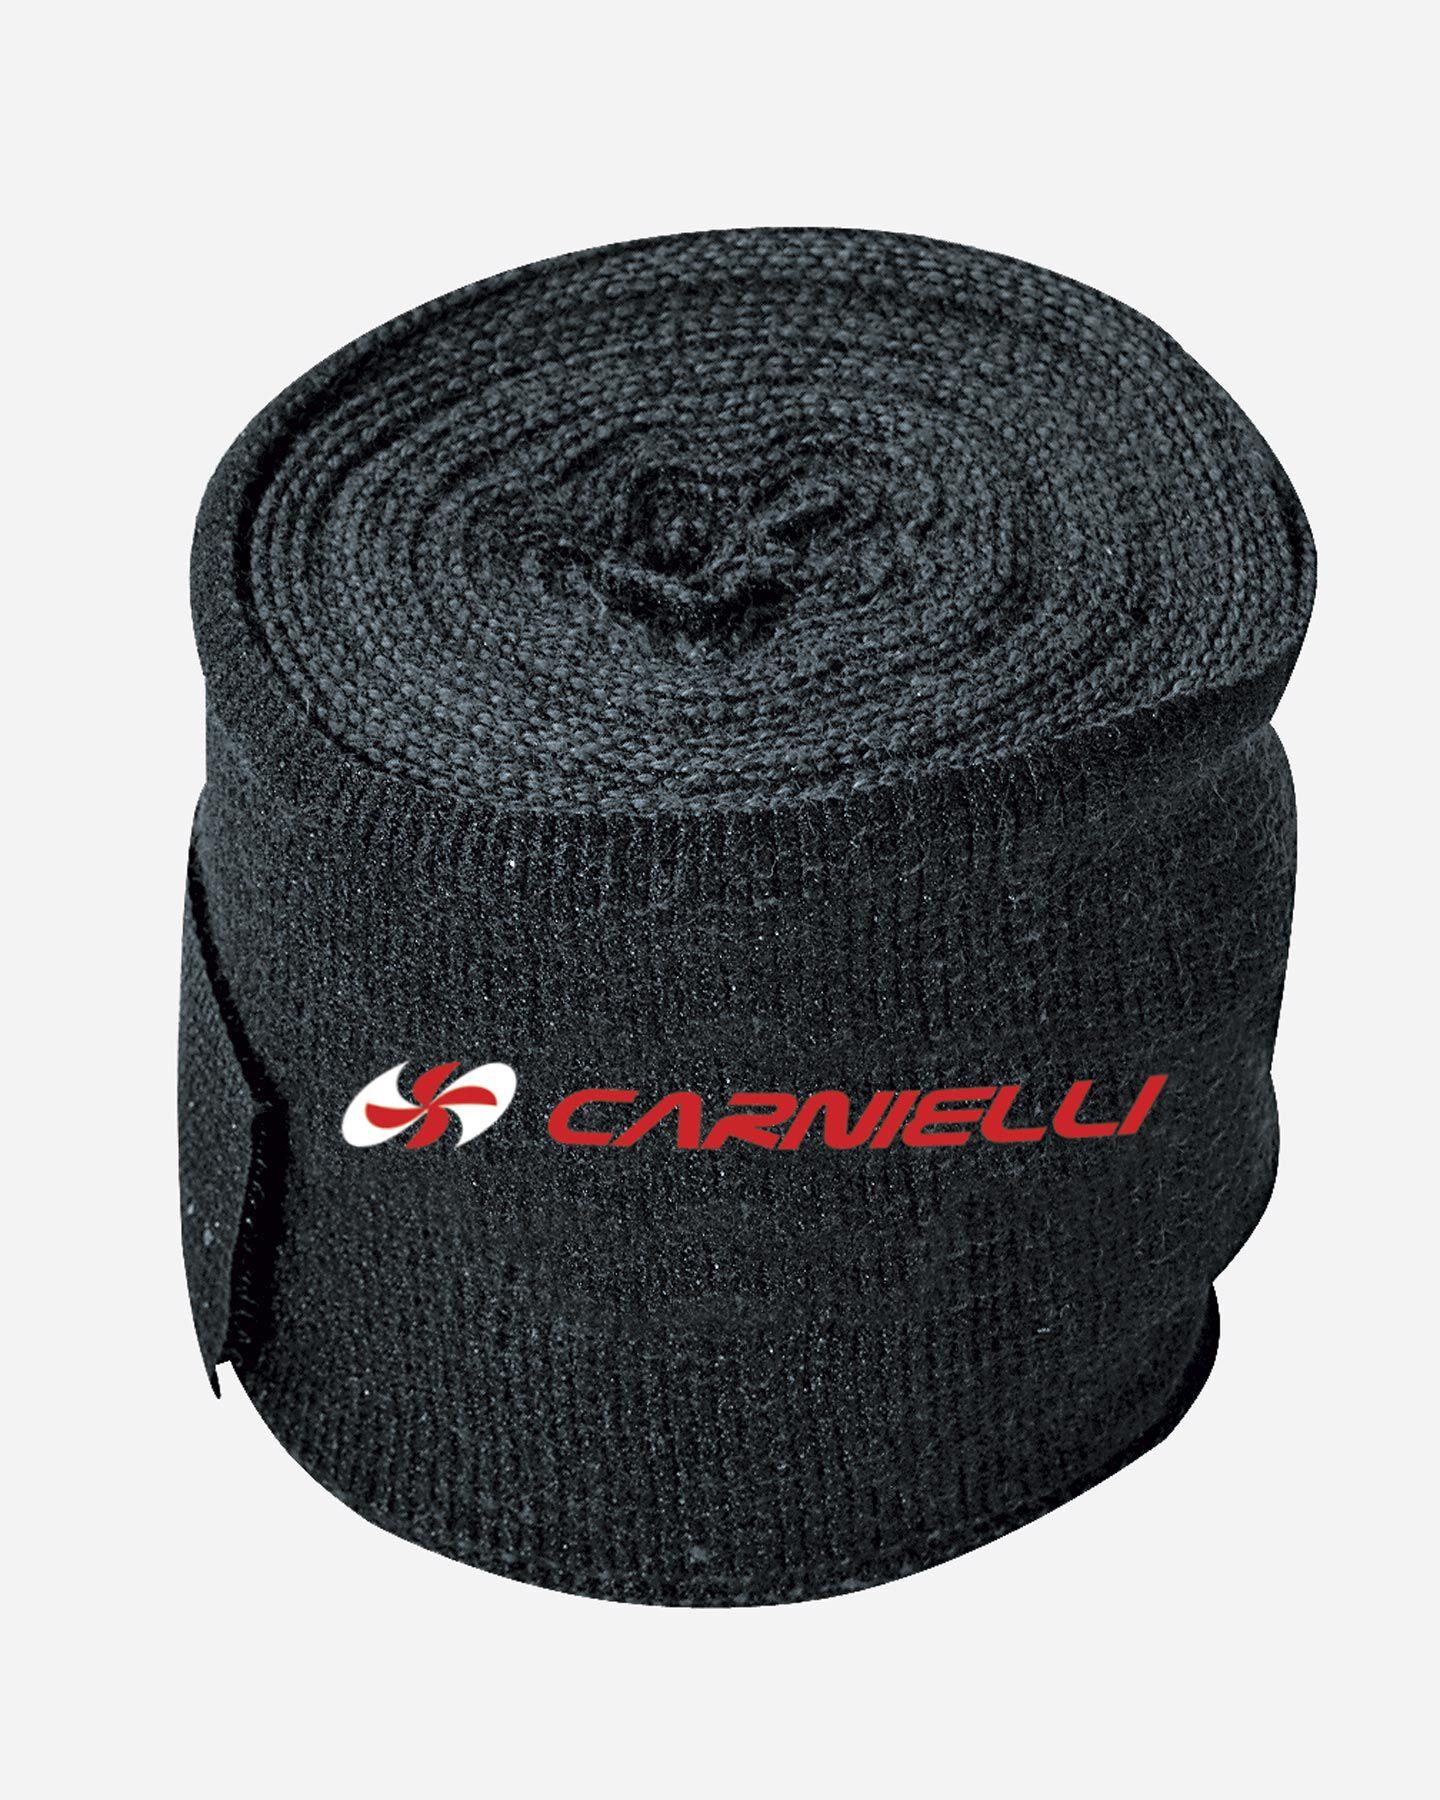 Accessorio boxe CARNIELLI FASCE BOXE S4036630 NERO UNI scatto 1